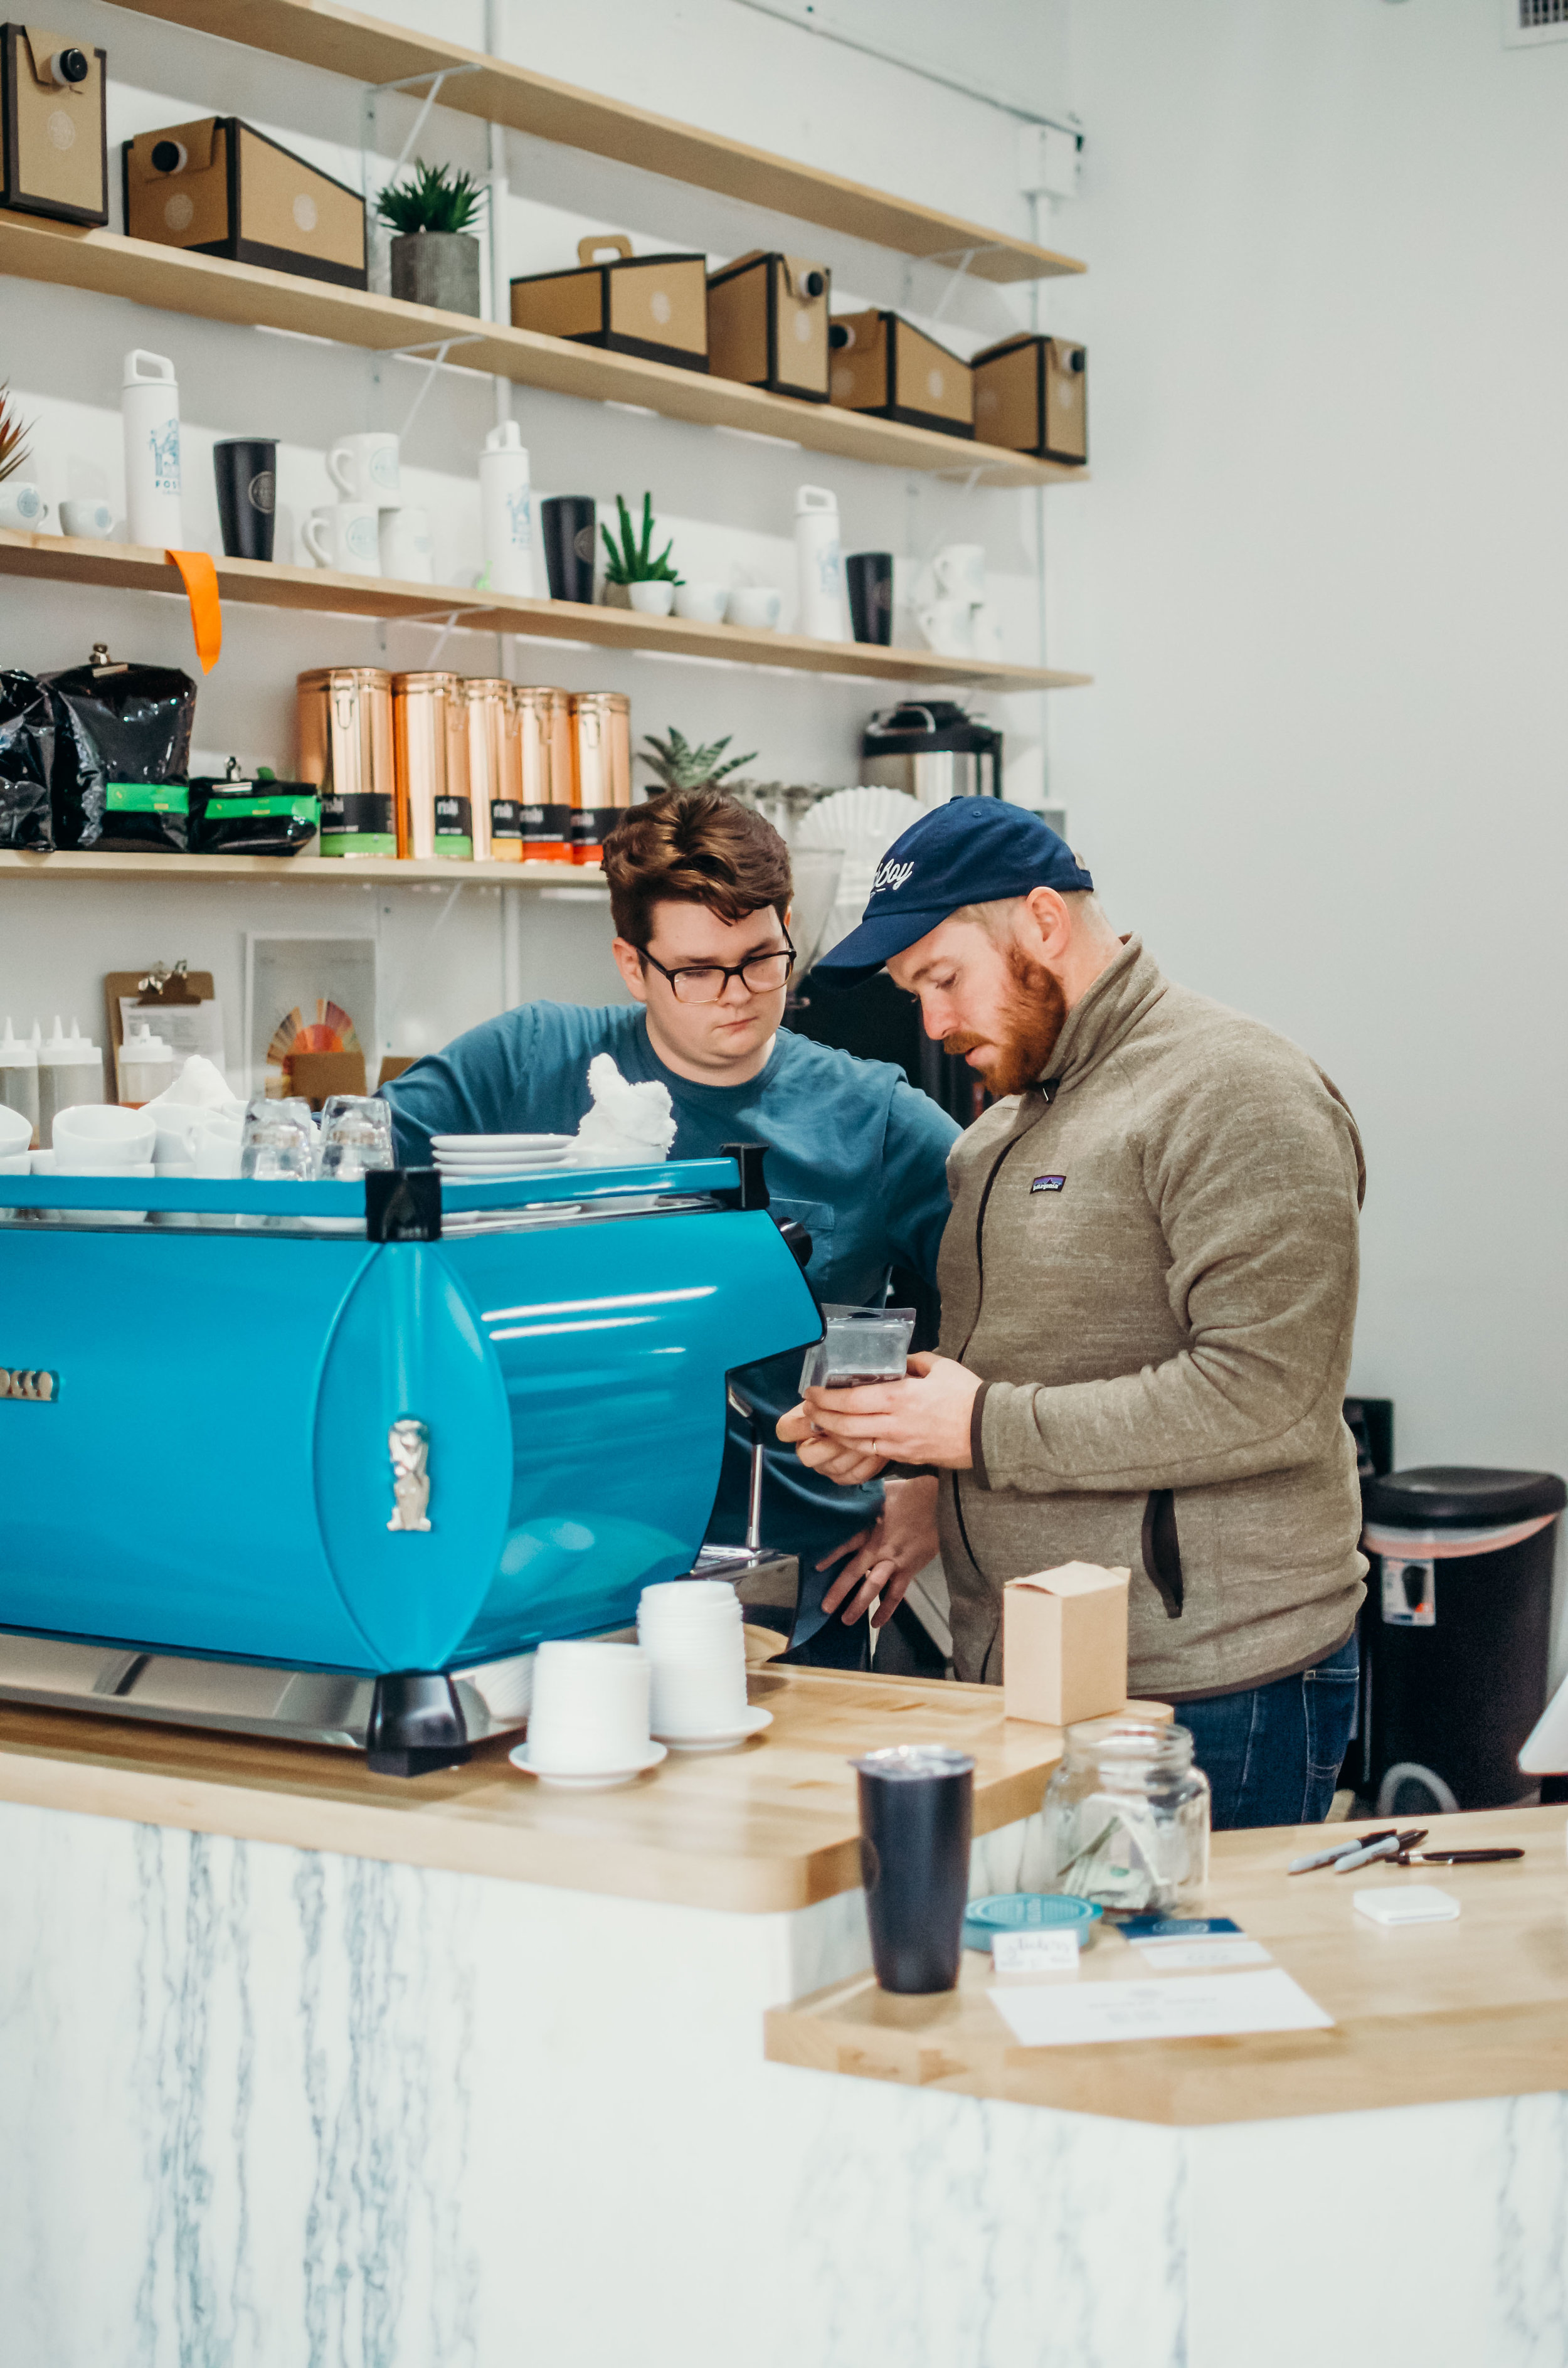 Wendling_Boyd_Foster_Flint_Fwrd_Coffee_Shop-24.jpg